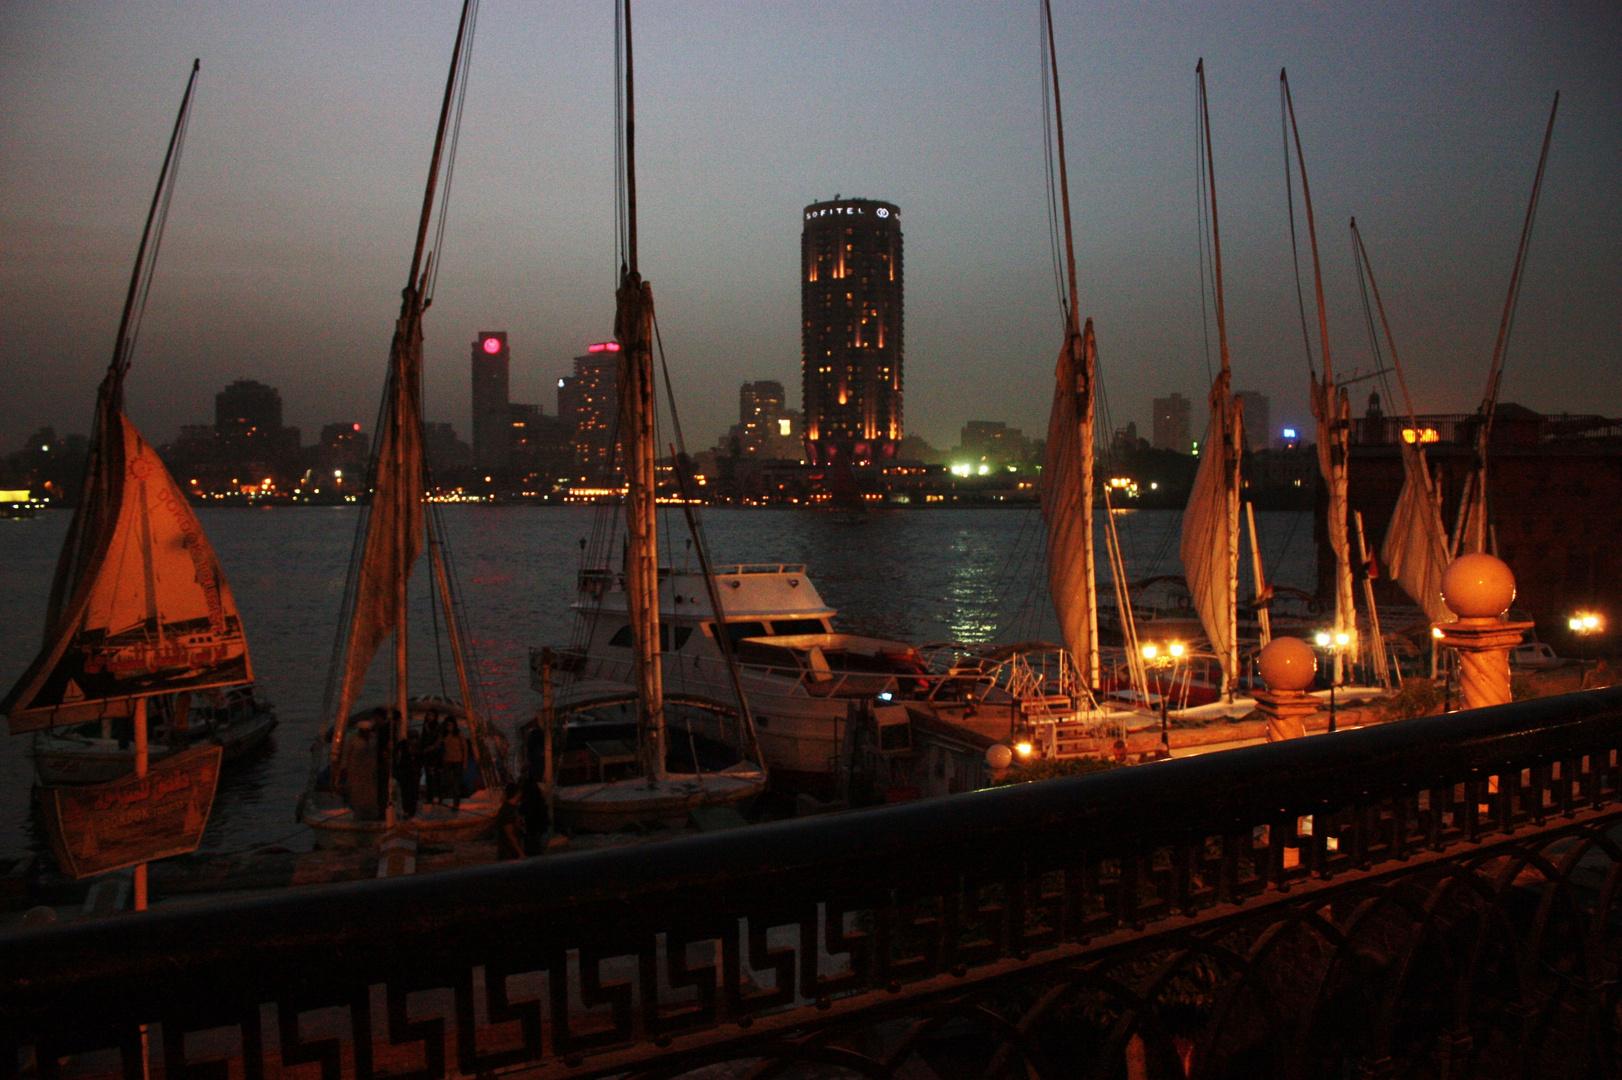 Dschunken am Nil